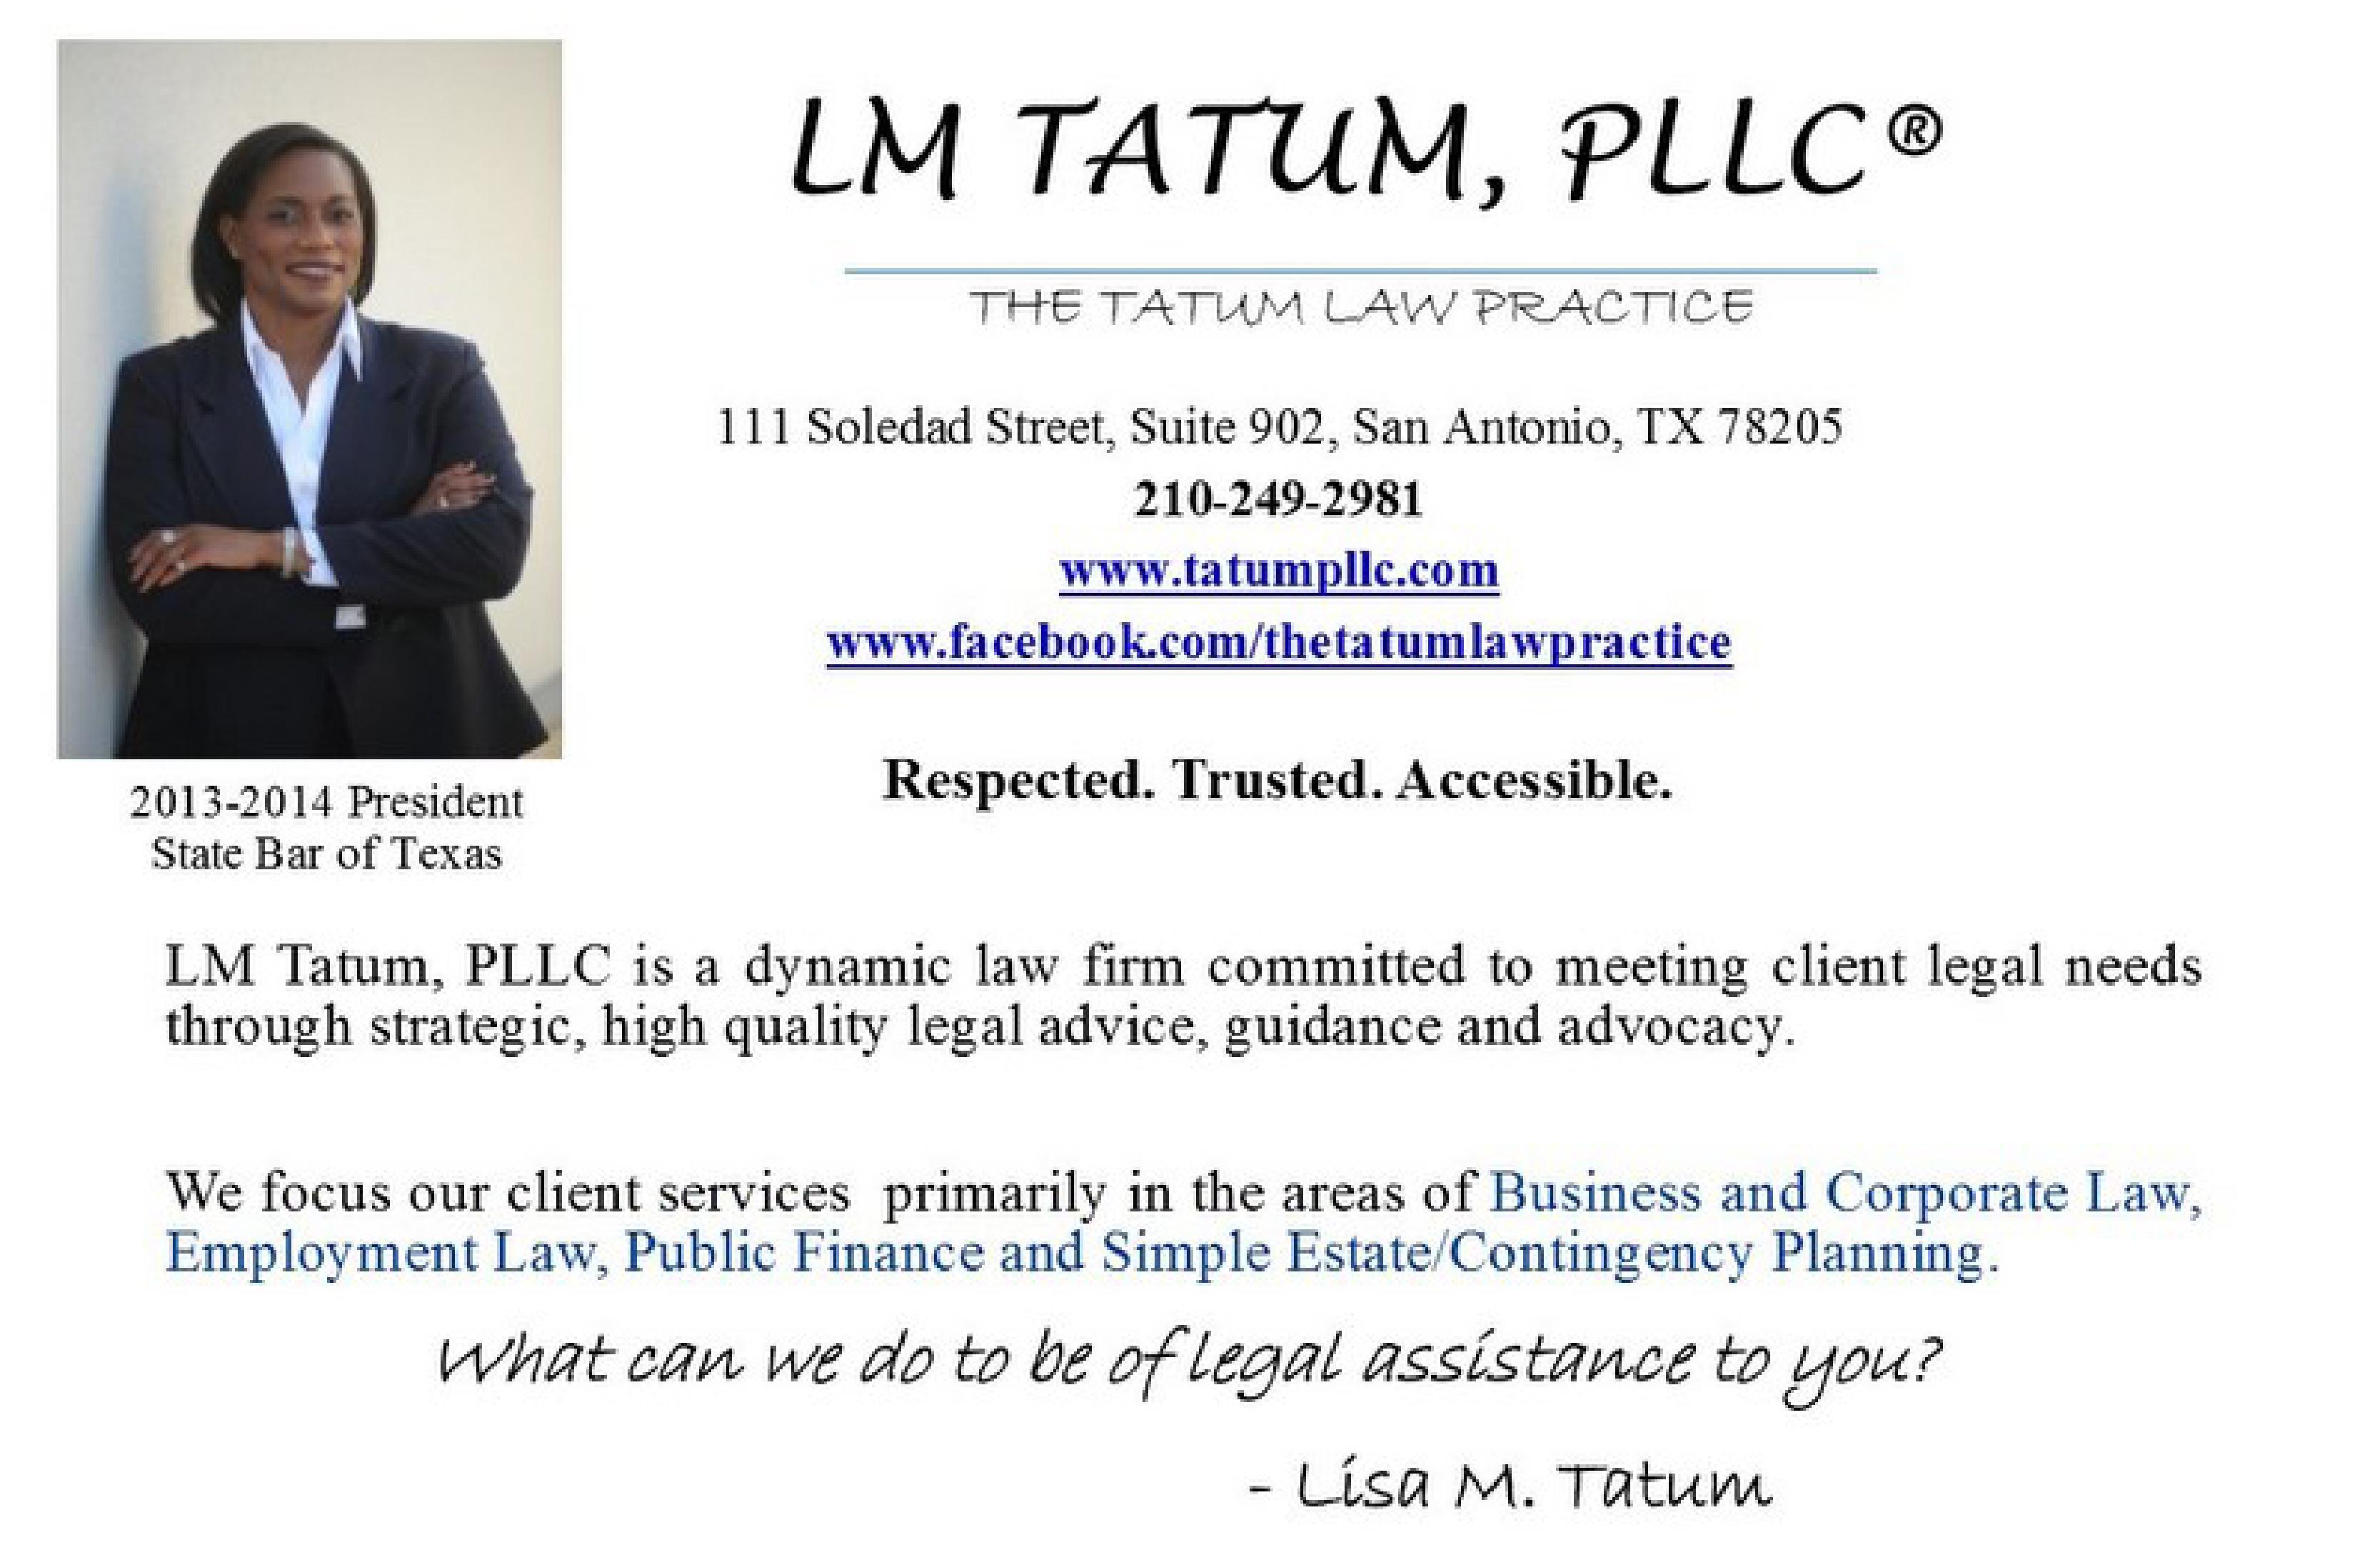 LM Tatum, PLLC